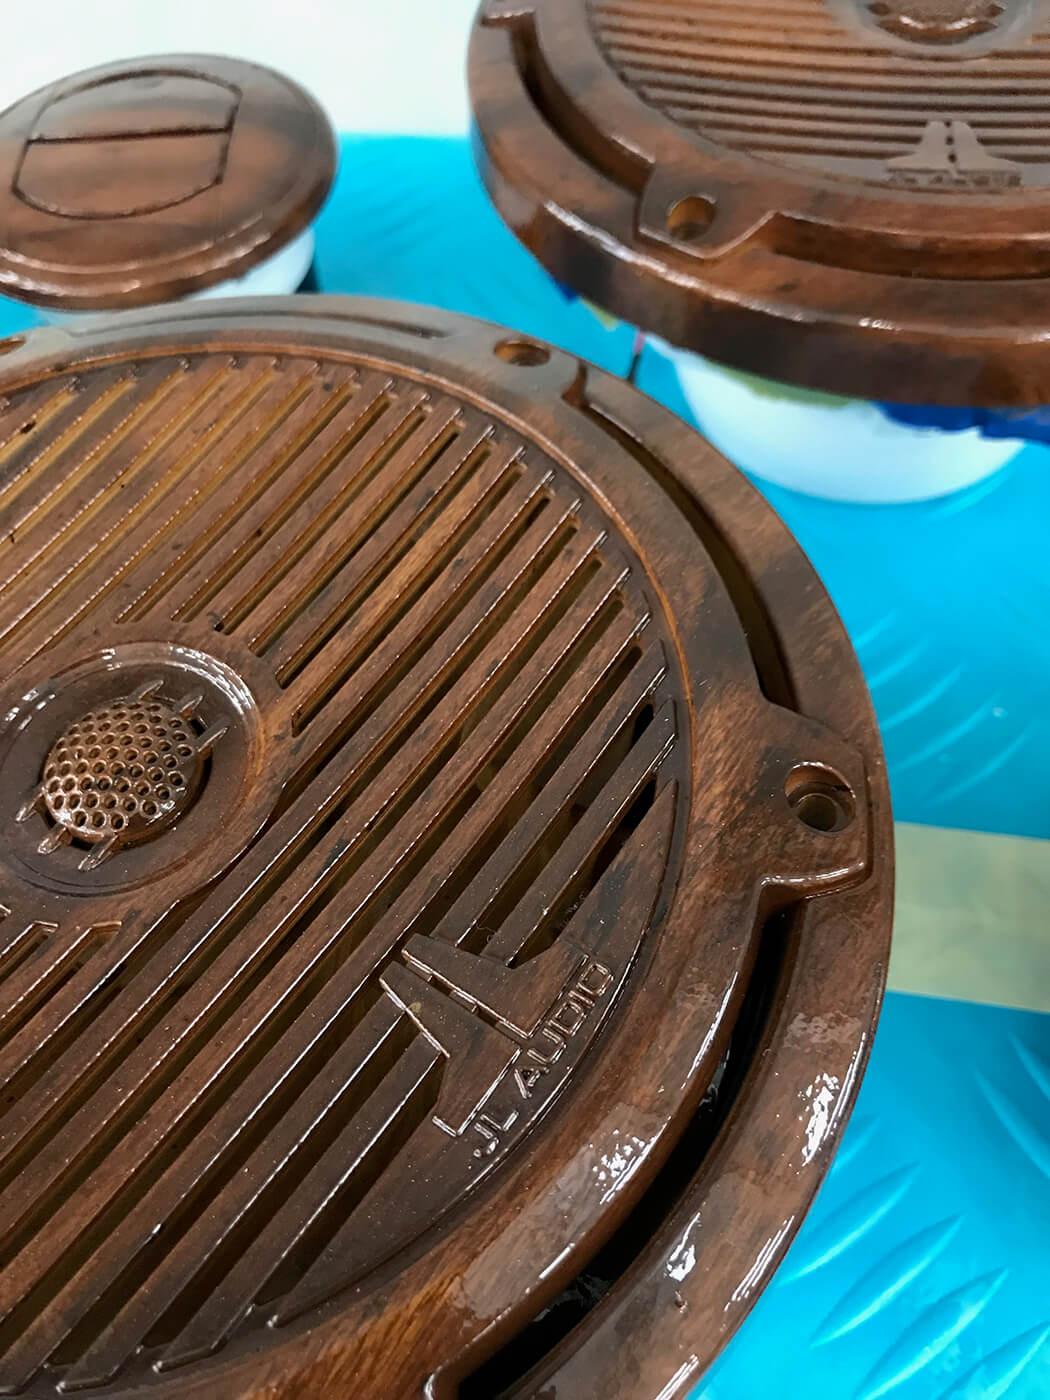 Hatteras Yachts GT70 Faux Teak speaker faces accessories wooden details